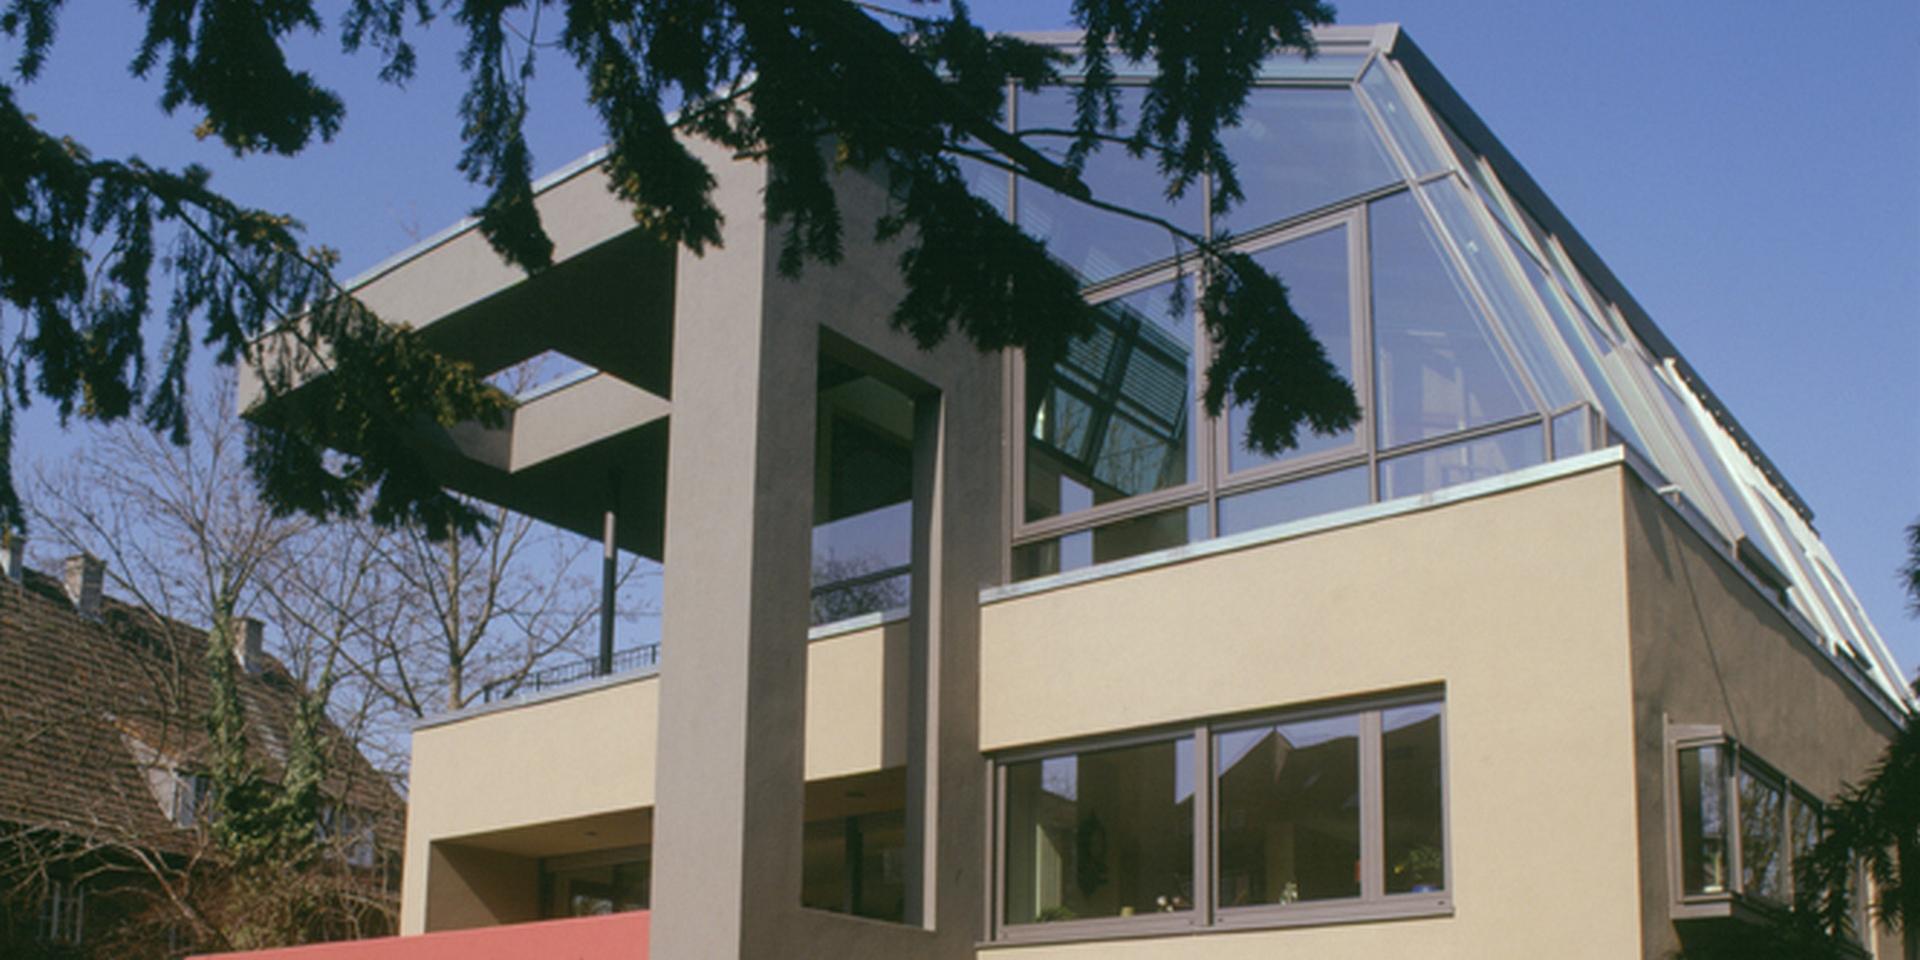 Neubau Mehrfamilienhaus – Mainz, Frick.Reichert Architekten